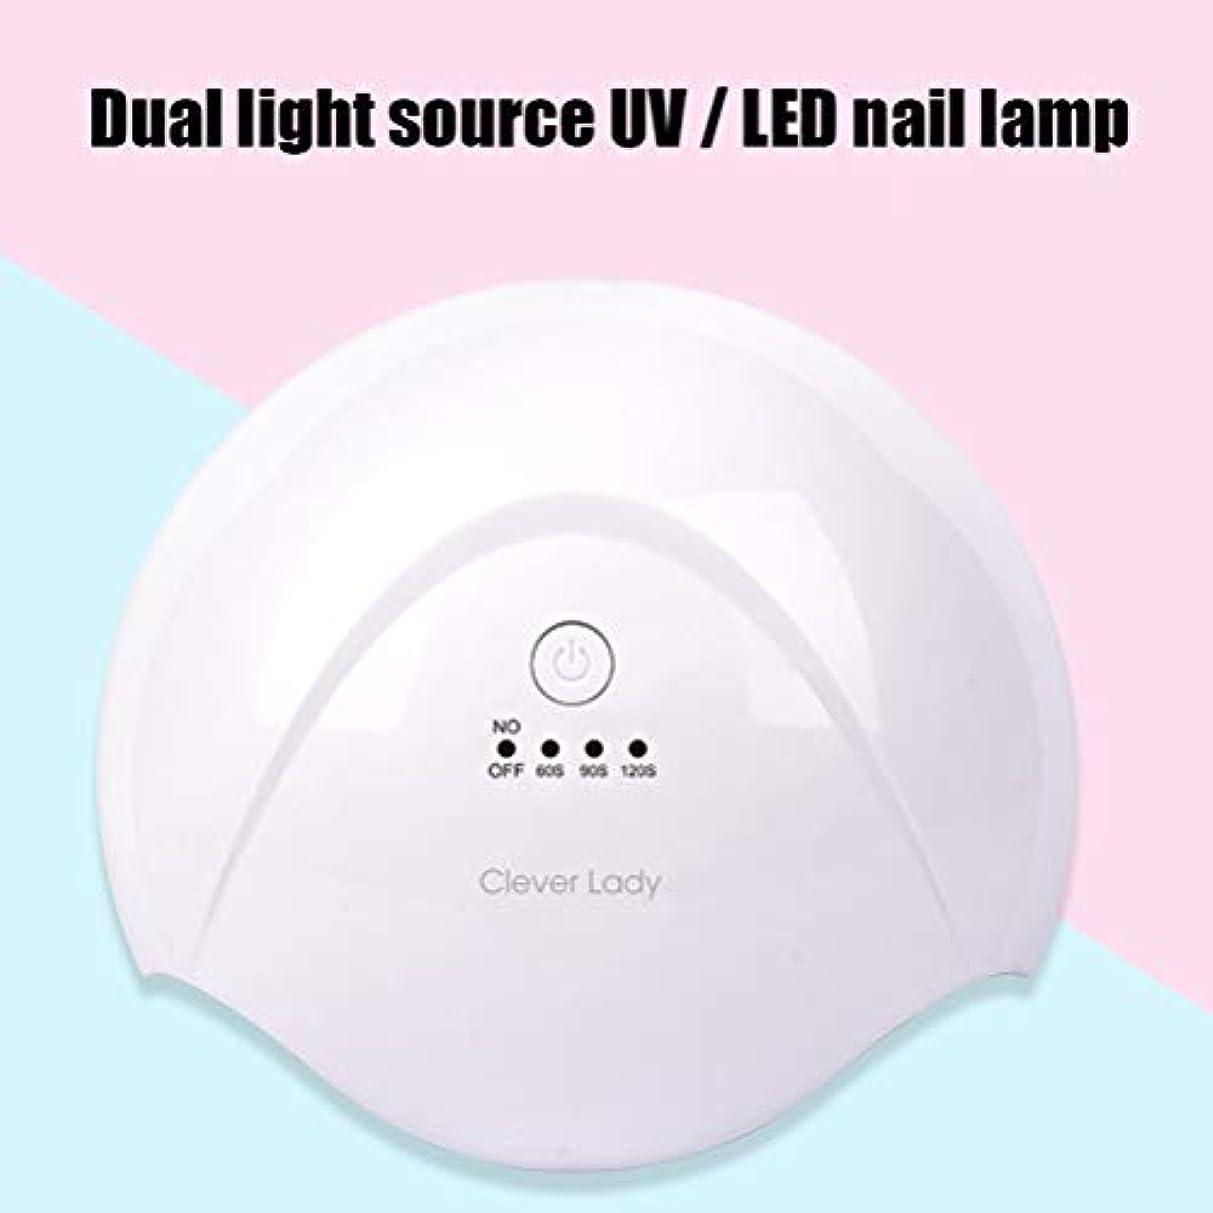 朝ごはん征服者変装36W LED光線療法ランプネイルグルーランプマニキュアのりマニキュアランプ